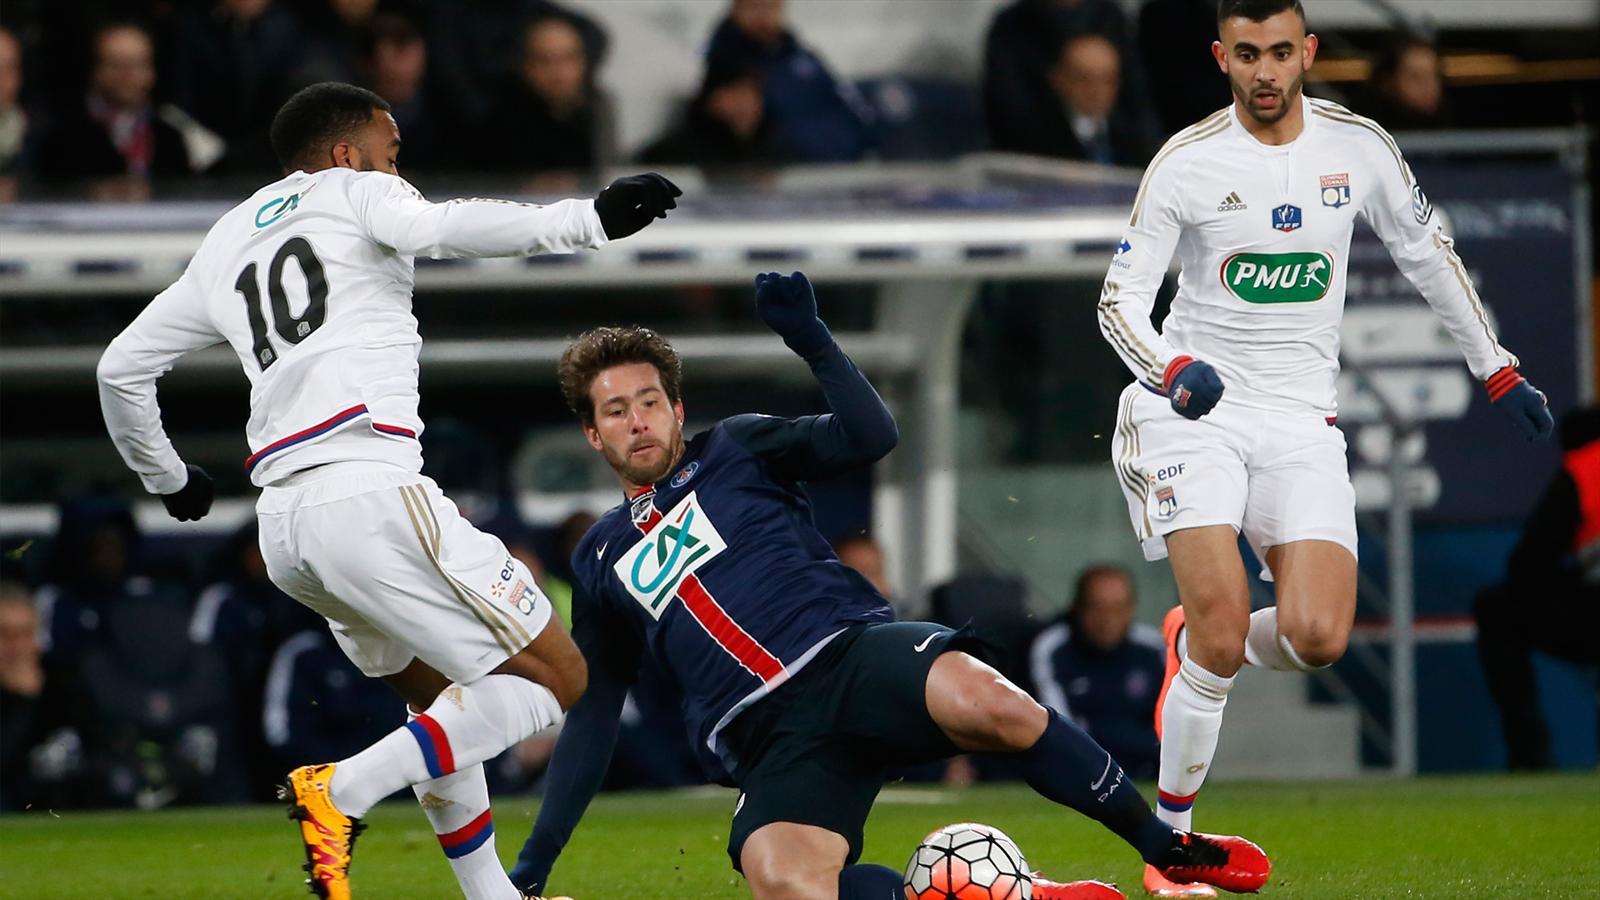 Regardez en direct sur eurosport istres n mes 7 me tour de la coupe de france football - Resultat coupe de france 7eme tour ...